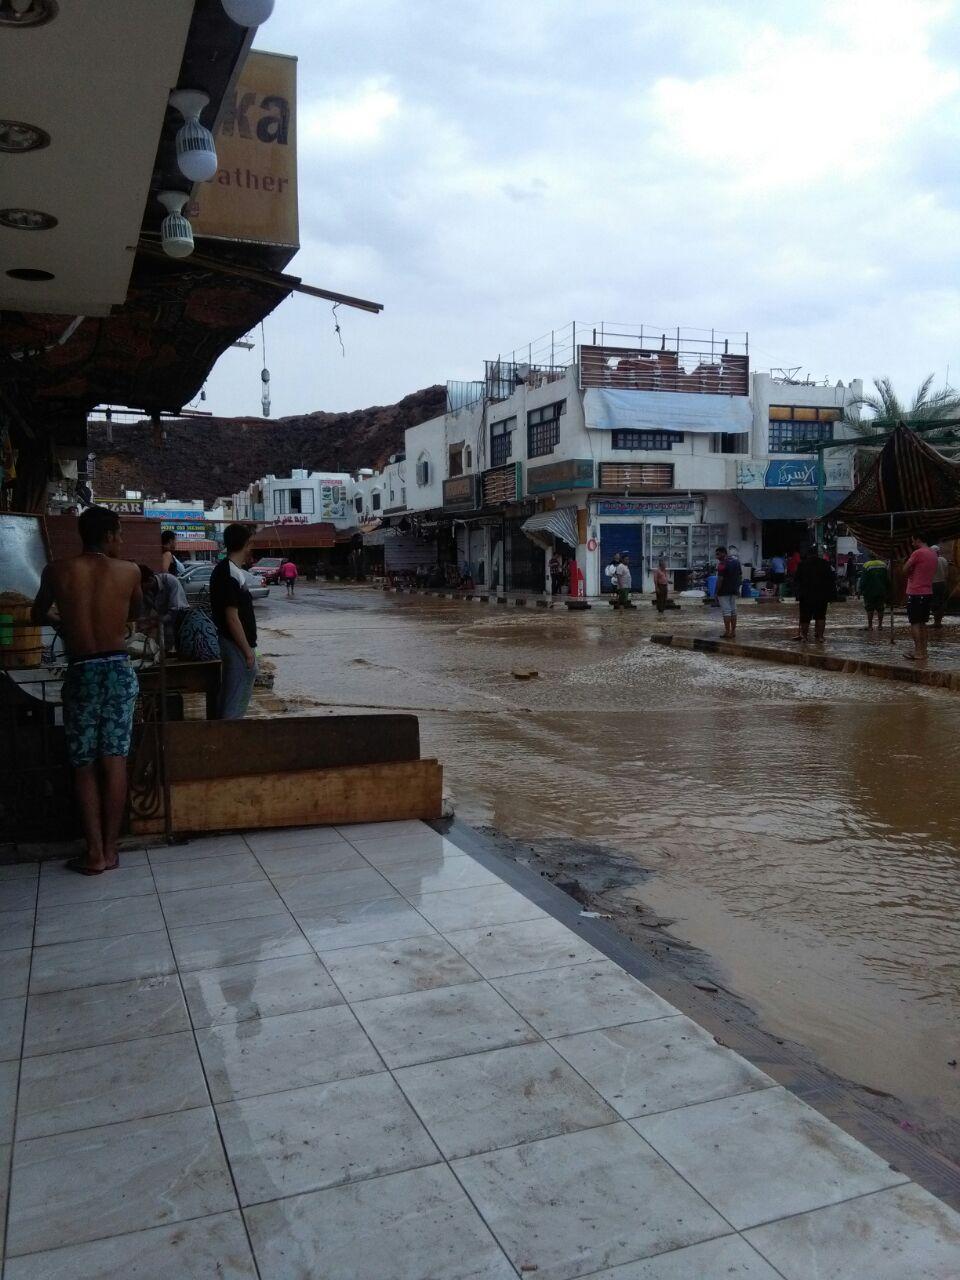 بالصور والفيديو.. سقوط أمطار غزيرة وسيول جارفة في شرم الشيخ